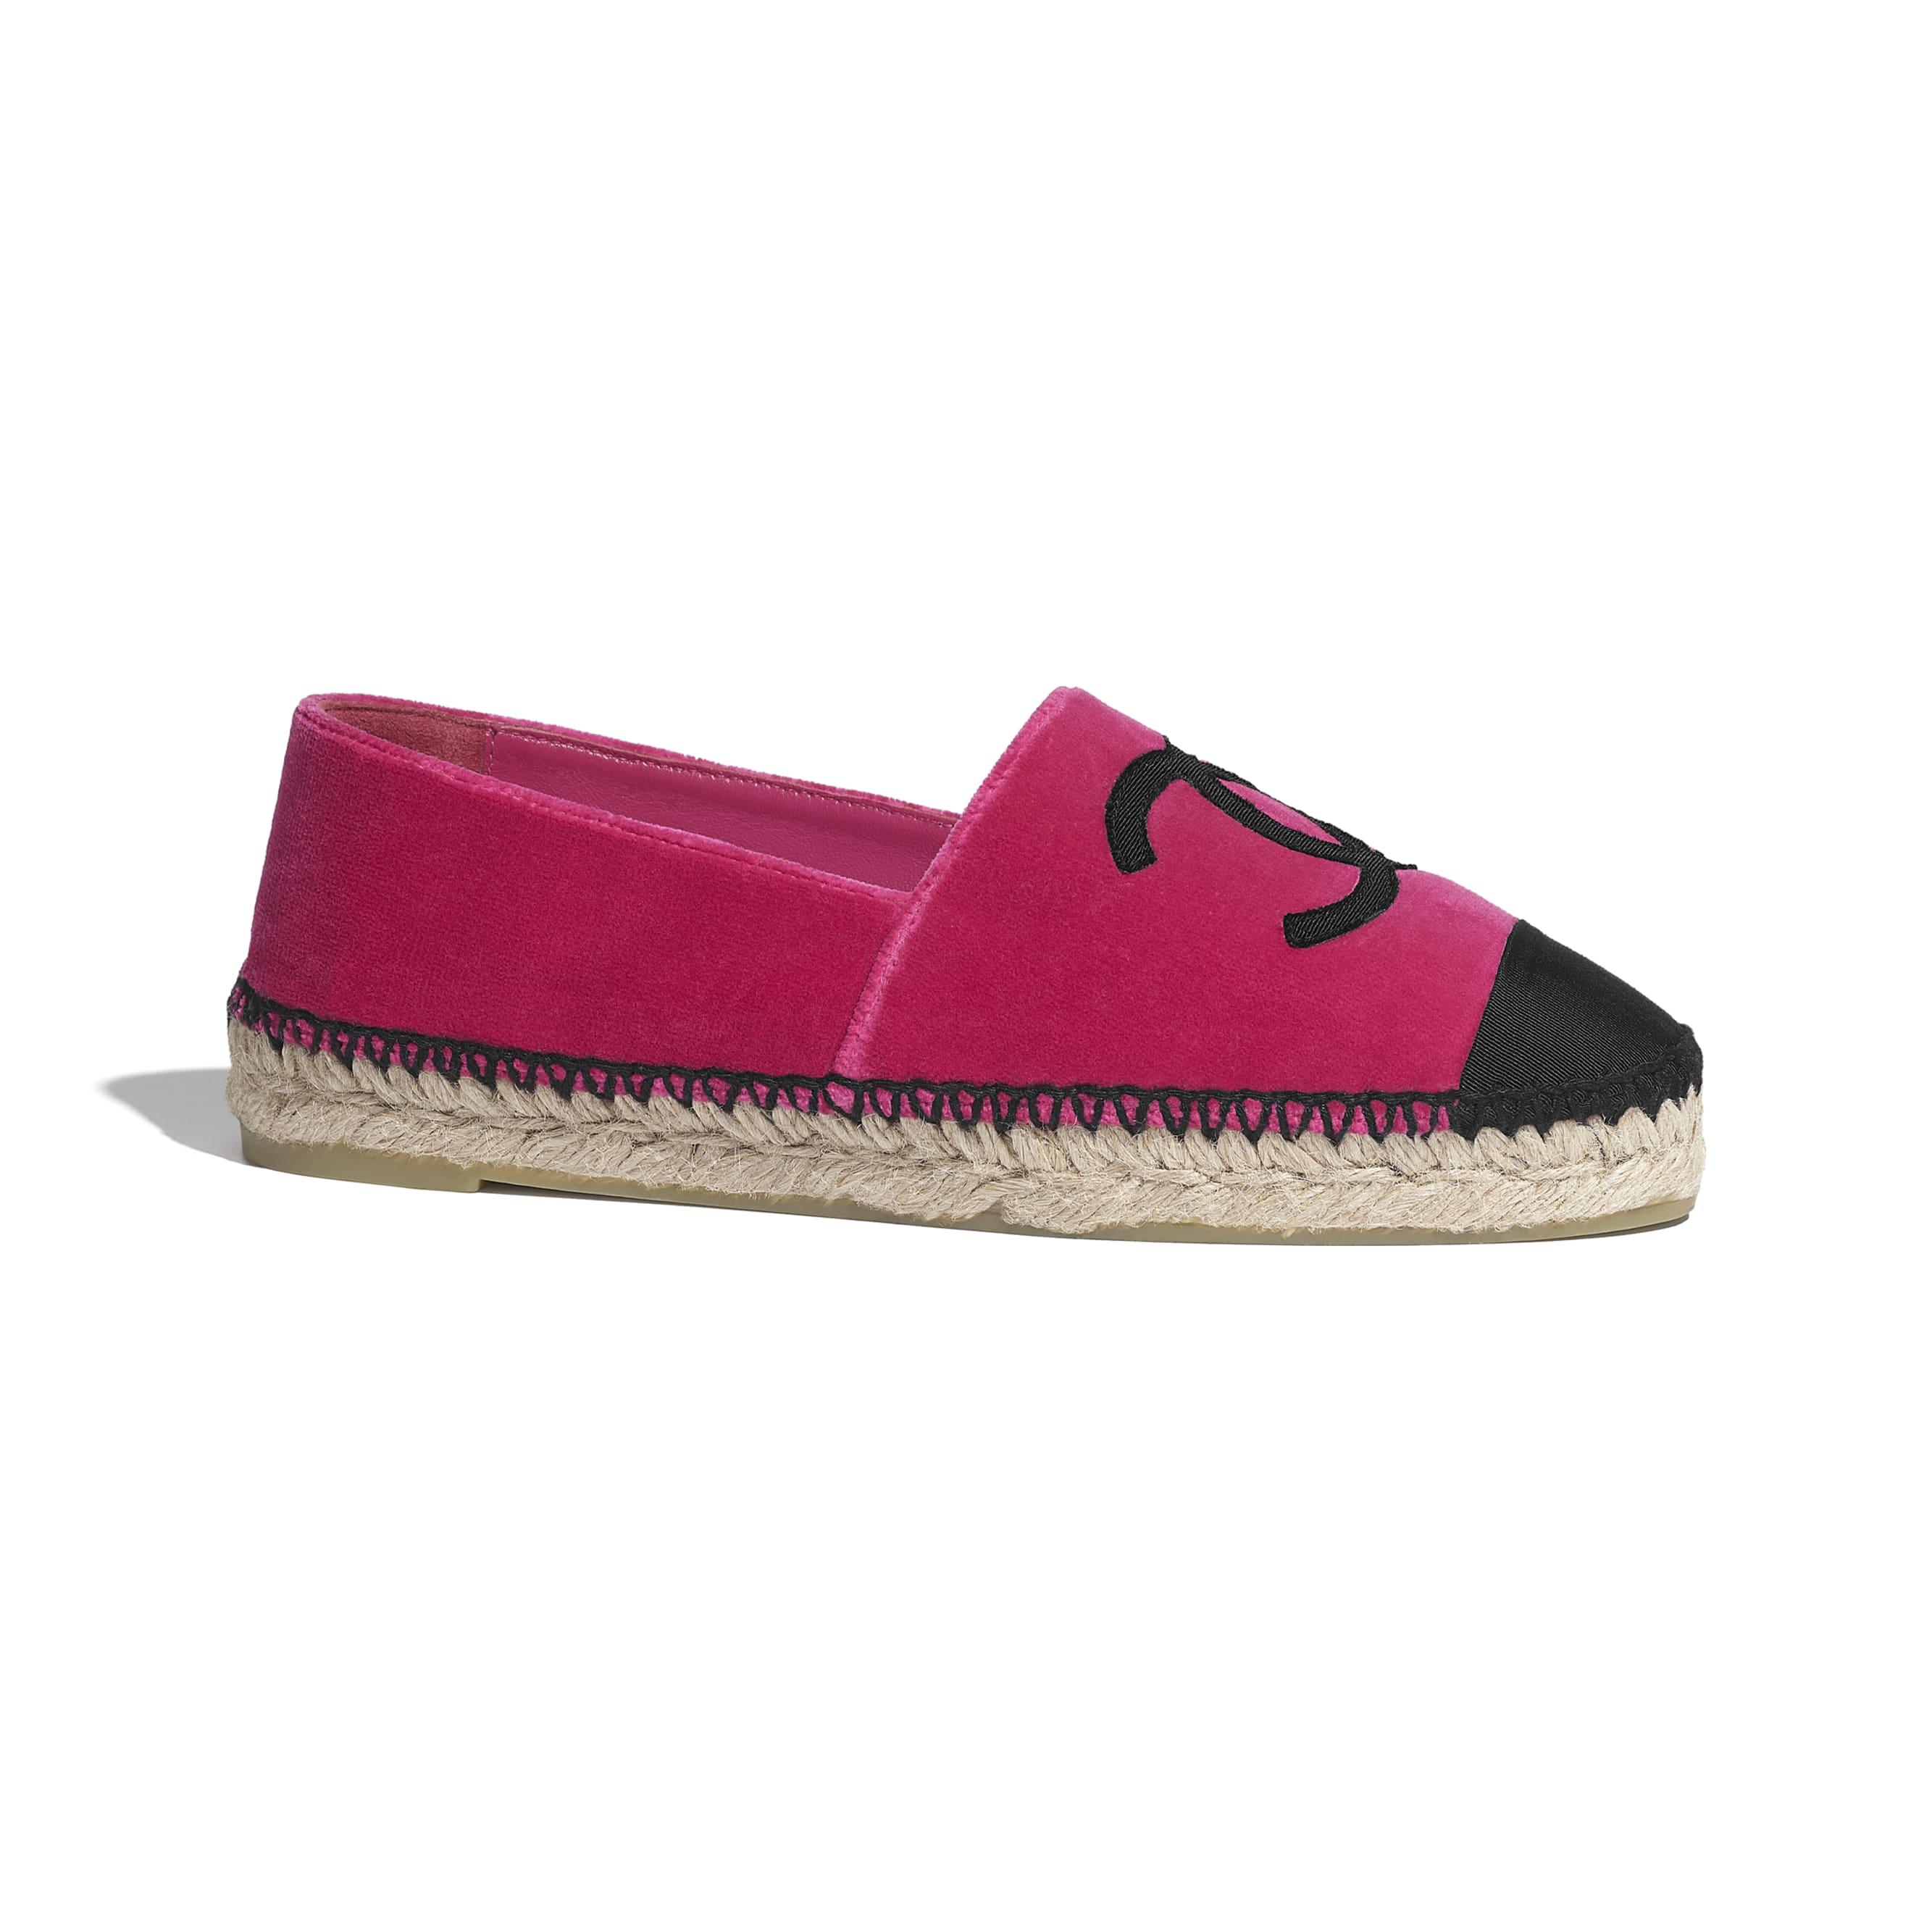 รองเท้าเอสพาดริลล์ - สีชมพูและสีดำ - CHANEL - มุมมองปัจจุบัน - ดูเวอร์ชันขนาดมาตรฐาน